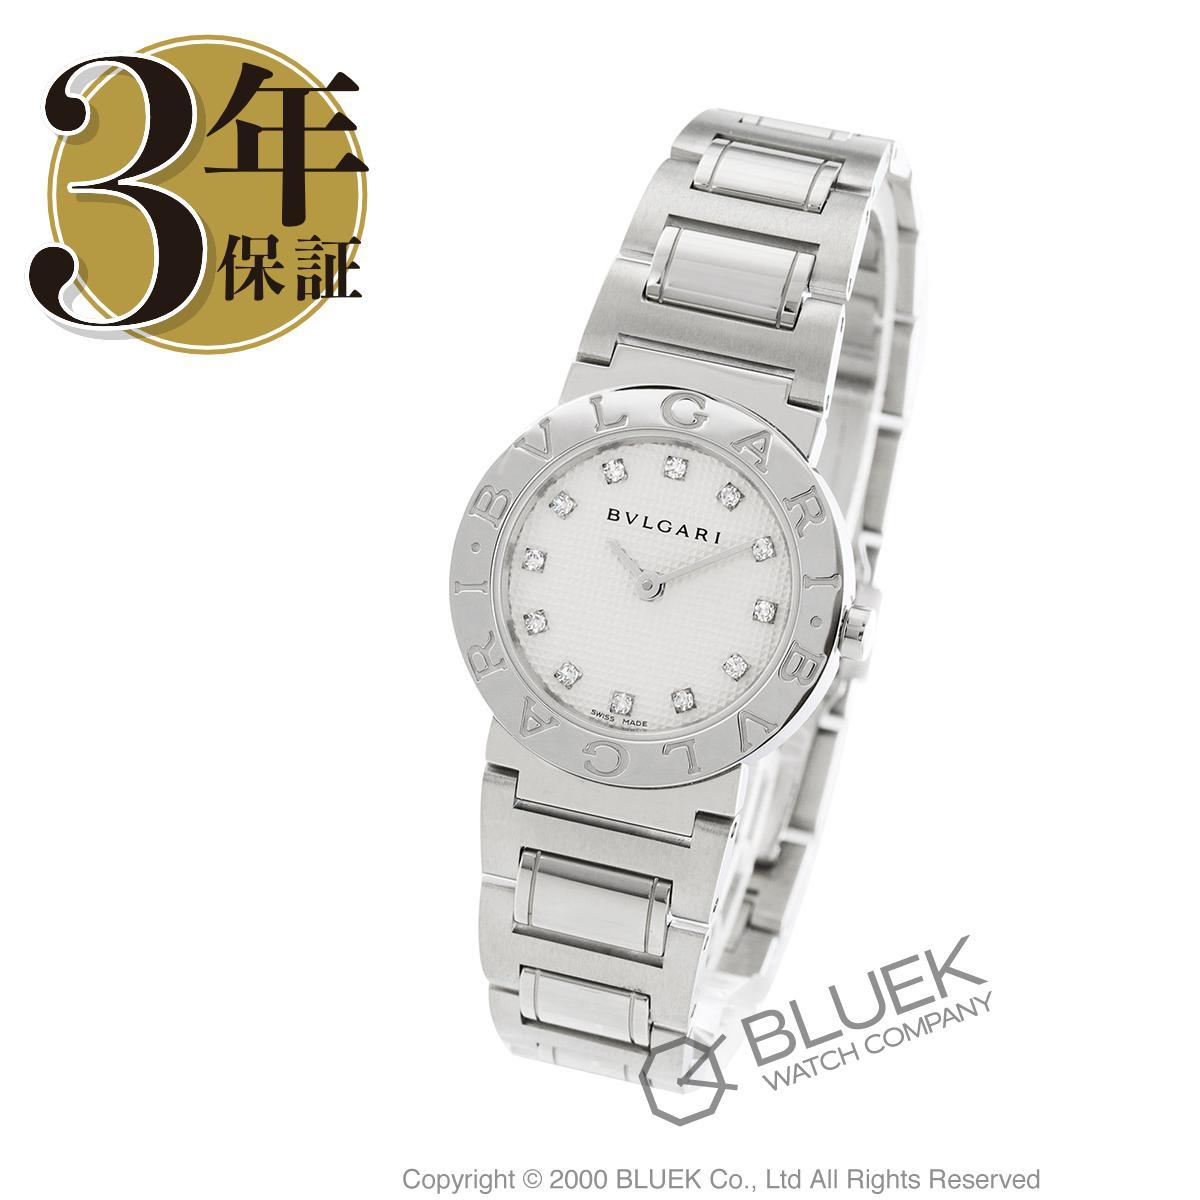 【6,000円OFFクーポン対象】ブルガリ ブルガリブルガリ ダイヤ 腕時計 レディース BVLGARI BB26WSS/12_8